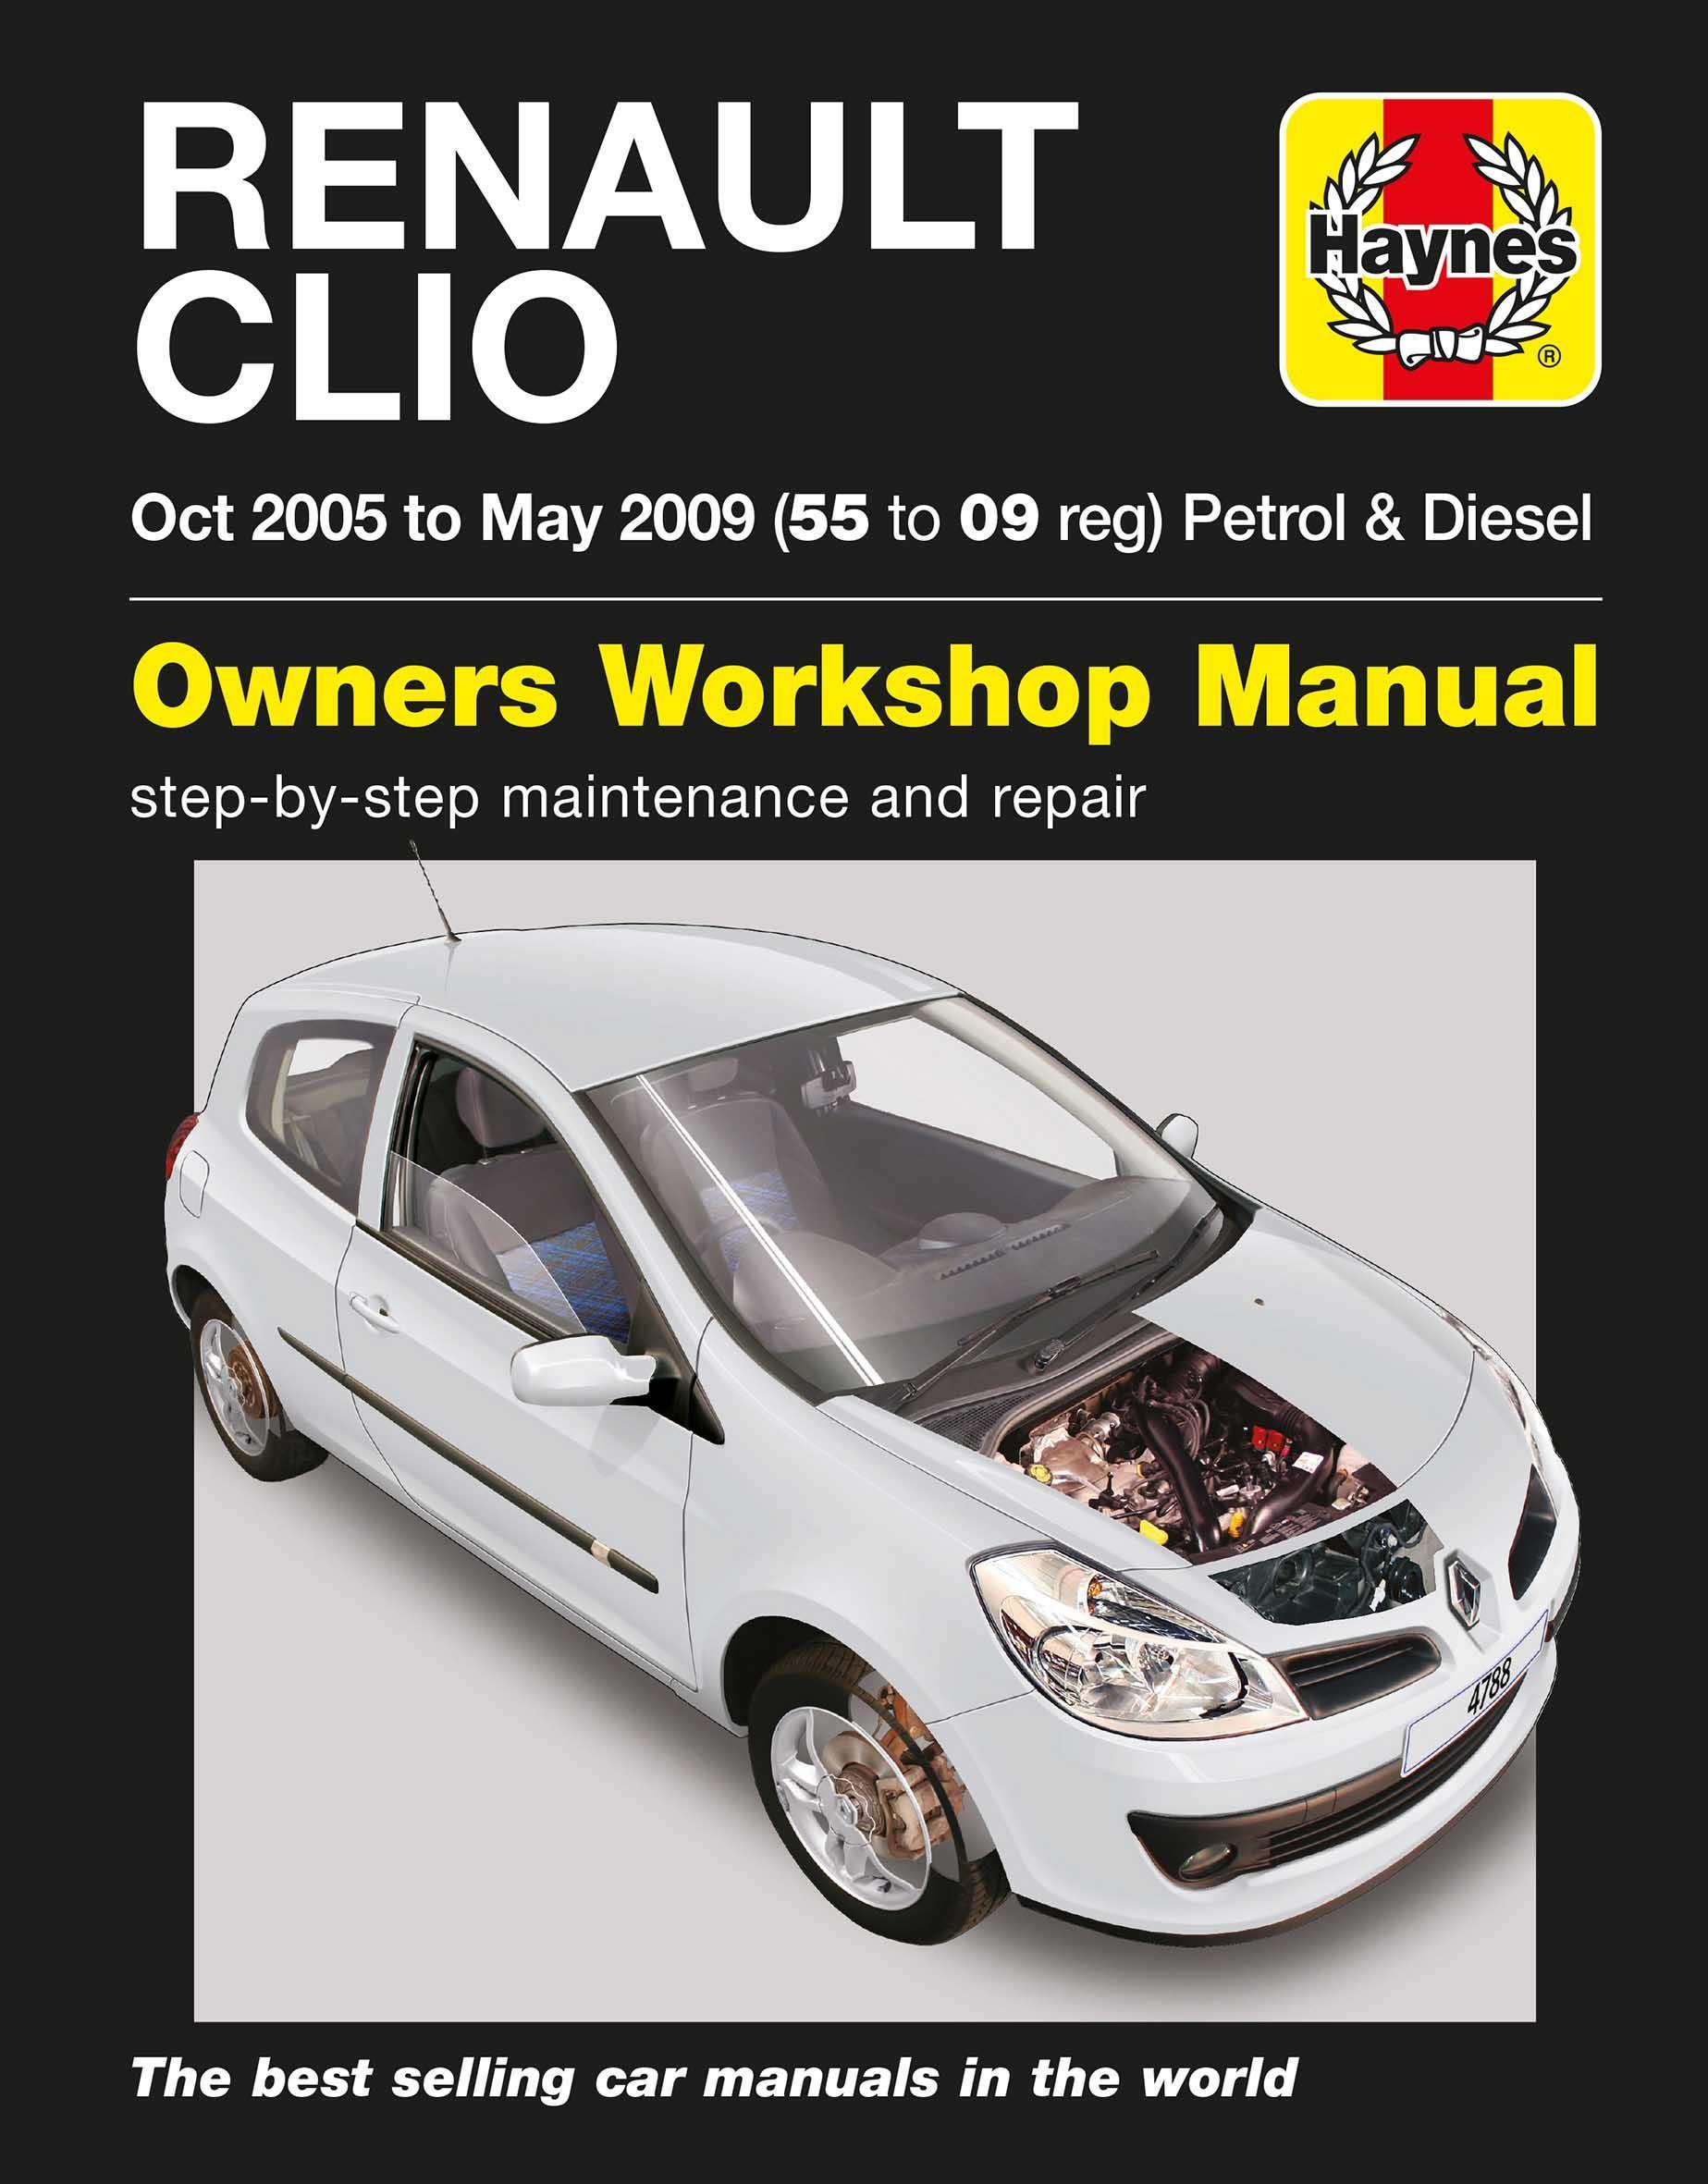 halfords haynes car manual daily instruction manual guides u2022 rh testingwordpress co BMW Workshop Manual Pontiac Shop Manual 2007